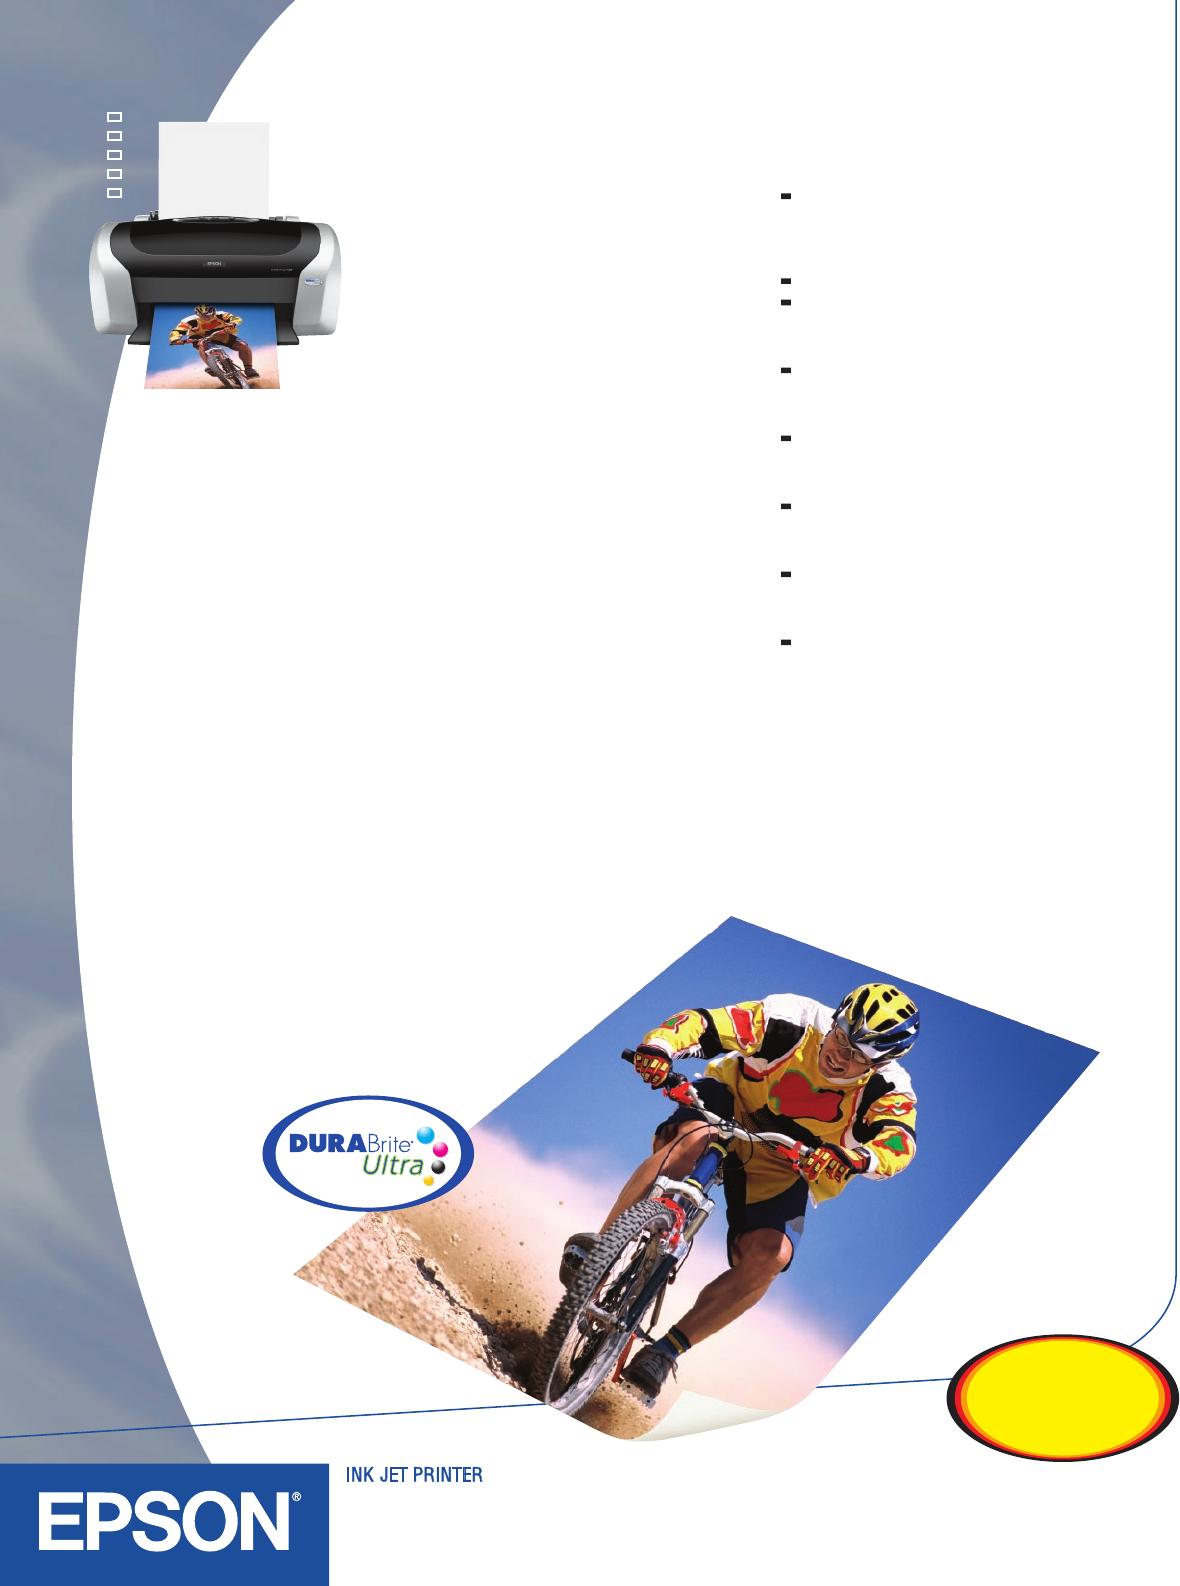 epson printer c88 user guide manualsonline com rh manualsonline com epson c88 printer manual epson c88 printer manual